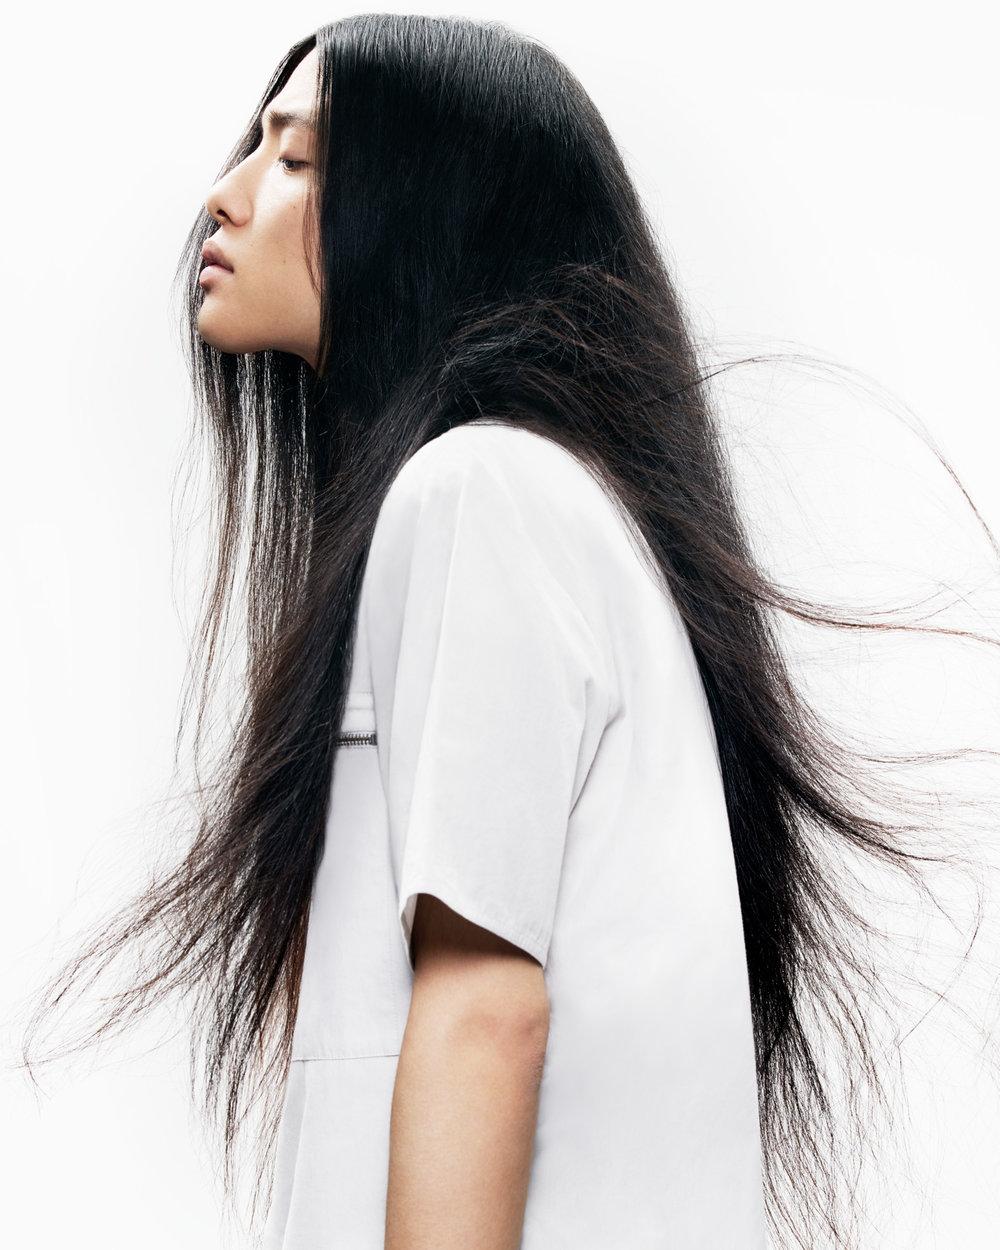 Jack_Eames_Mens_Hair_Shot_02.jpg